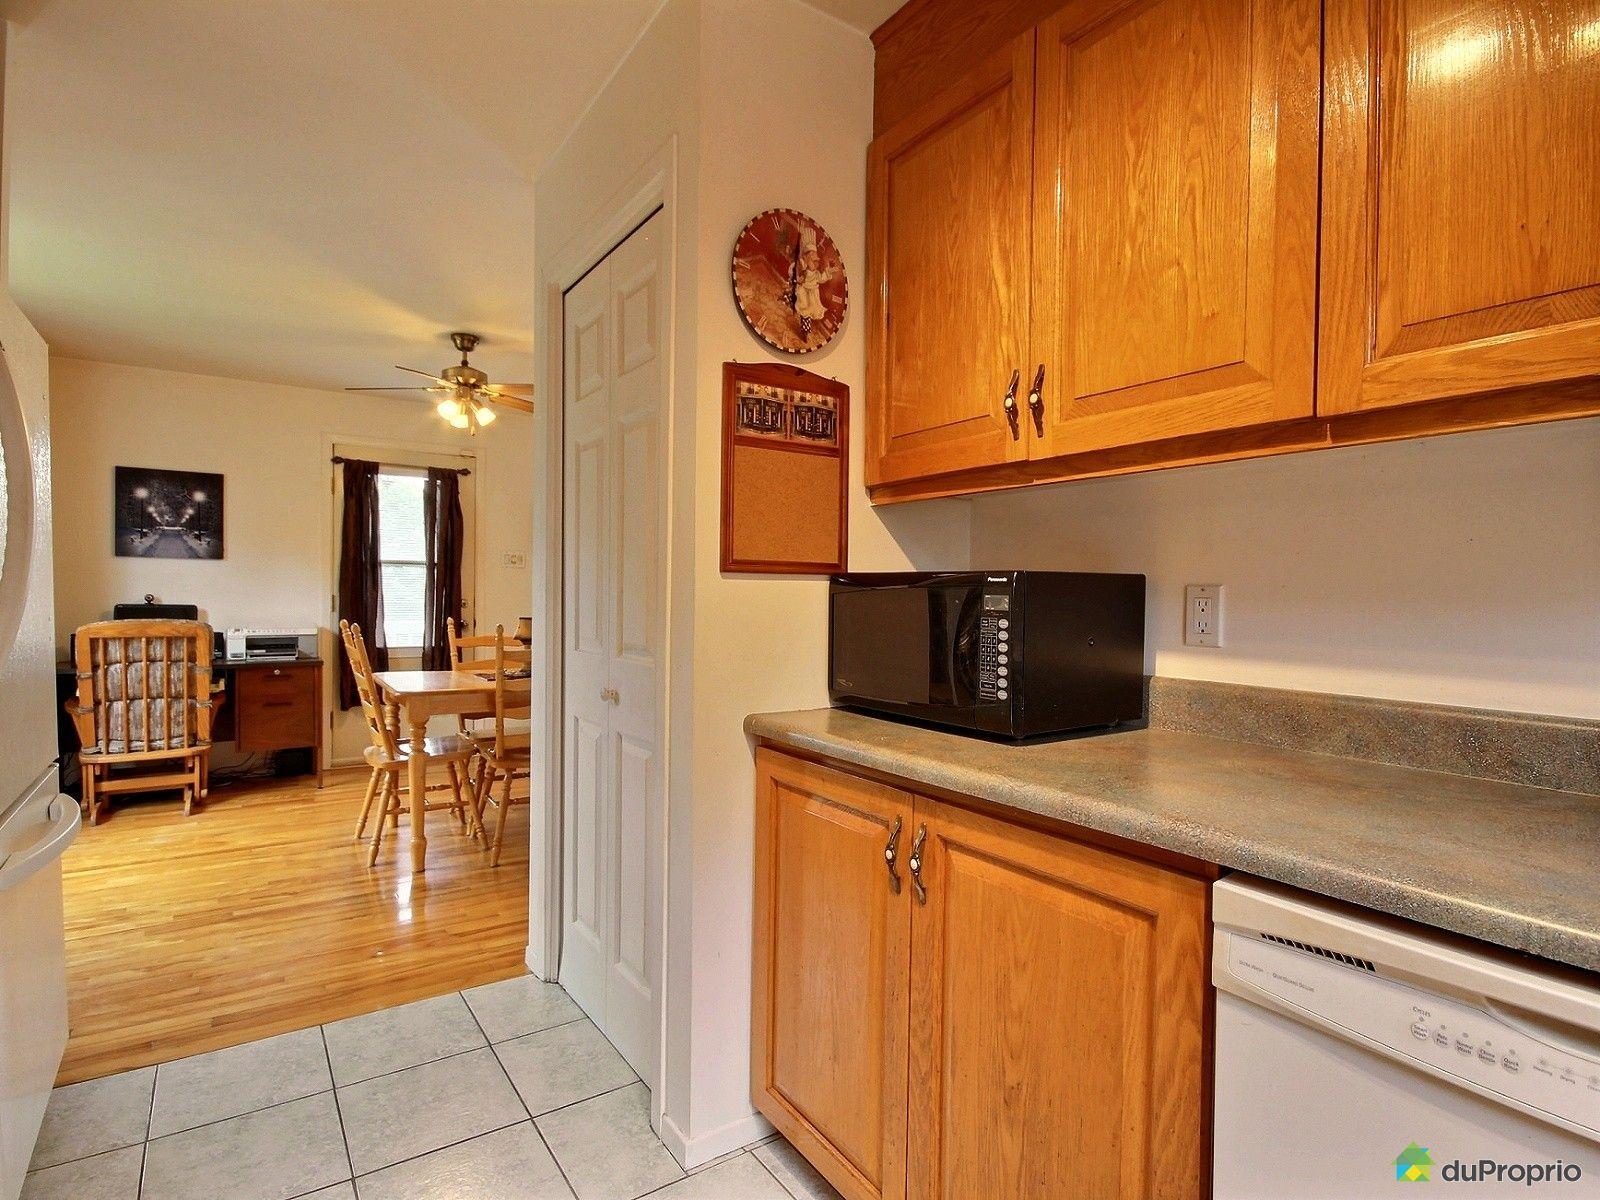 maison vendu st roch de richelieu immobilier qu bec duproprio 525747. Black Bedroom Furniture Sets. Home Design Ideas